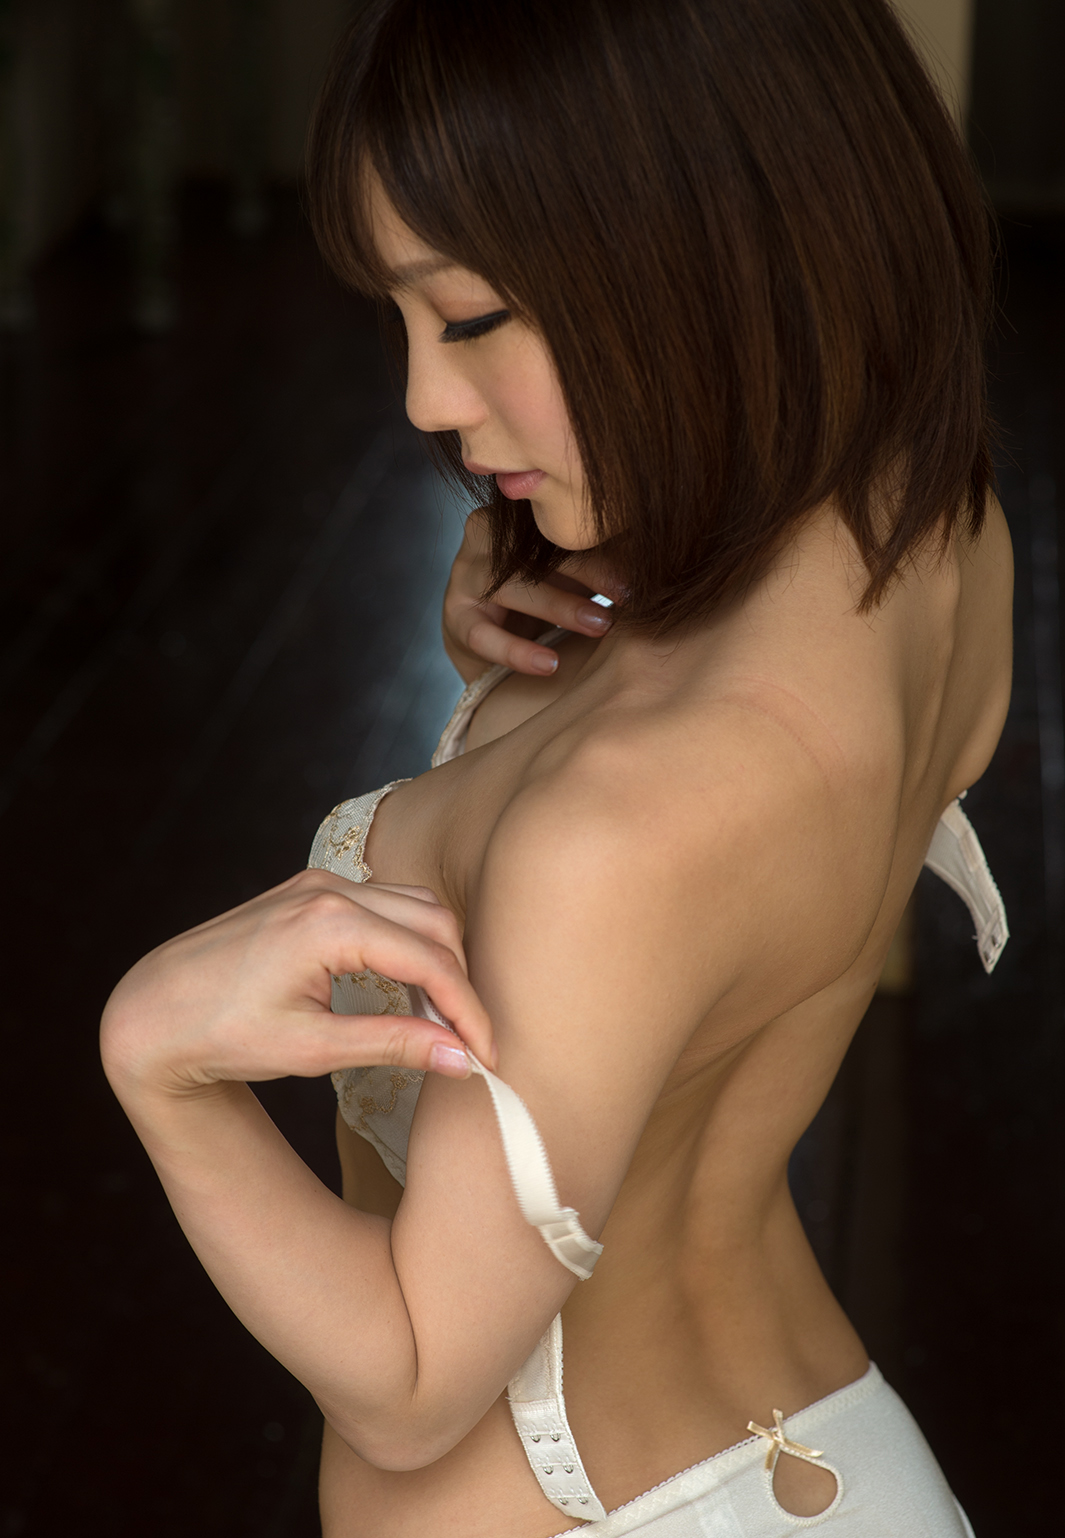 鈴村あいり 画像 22